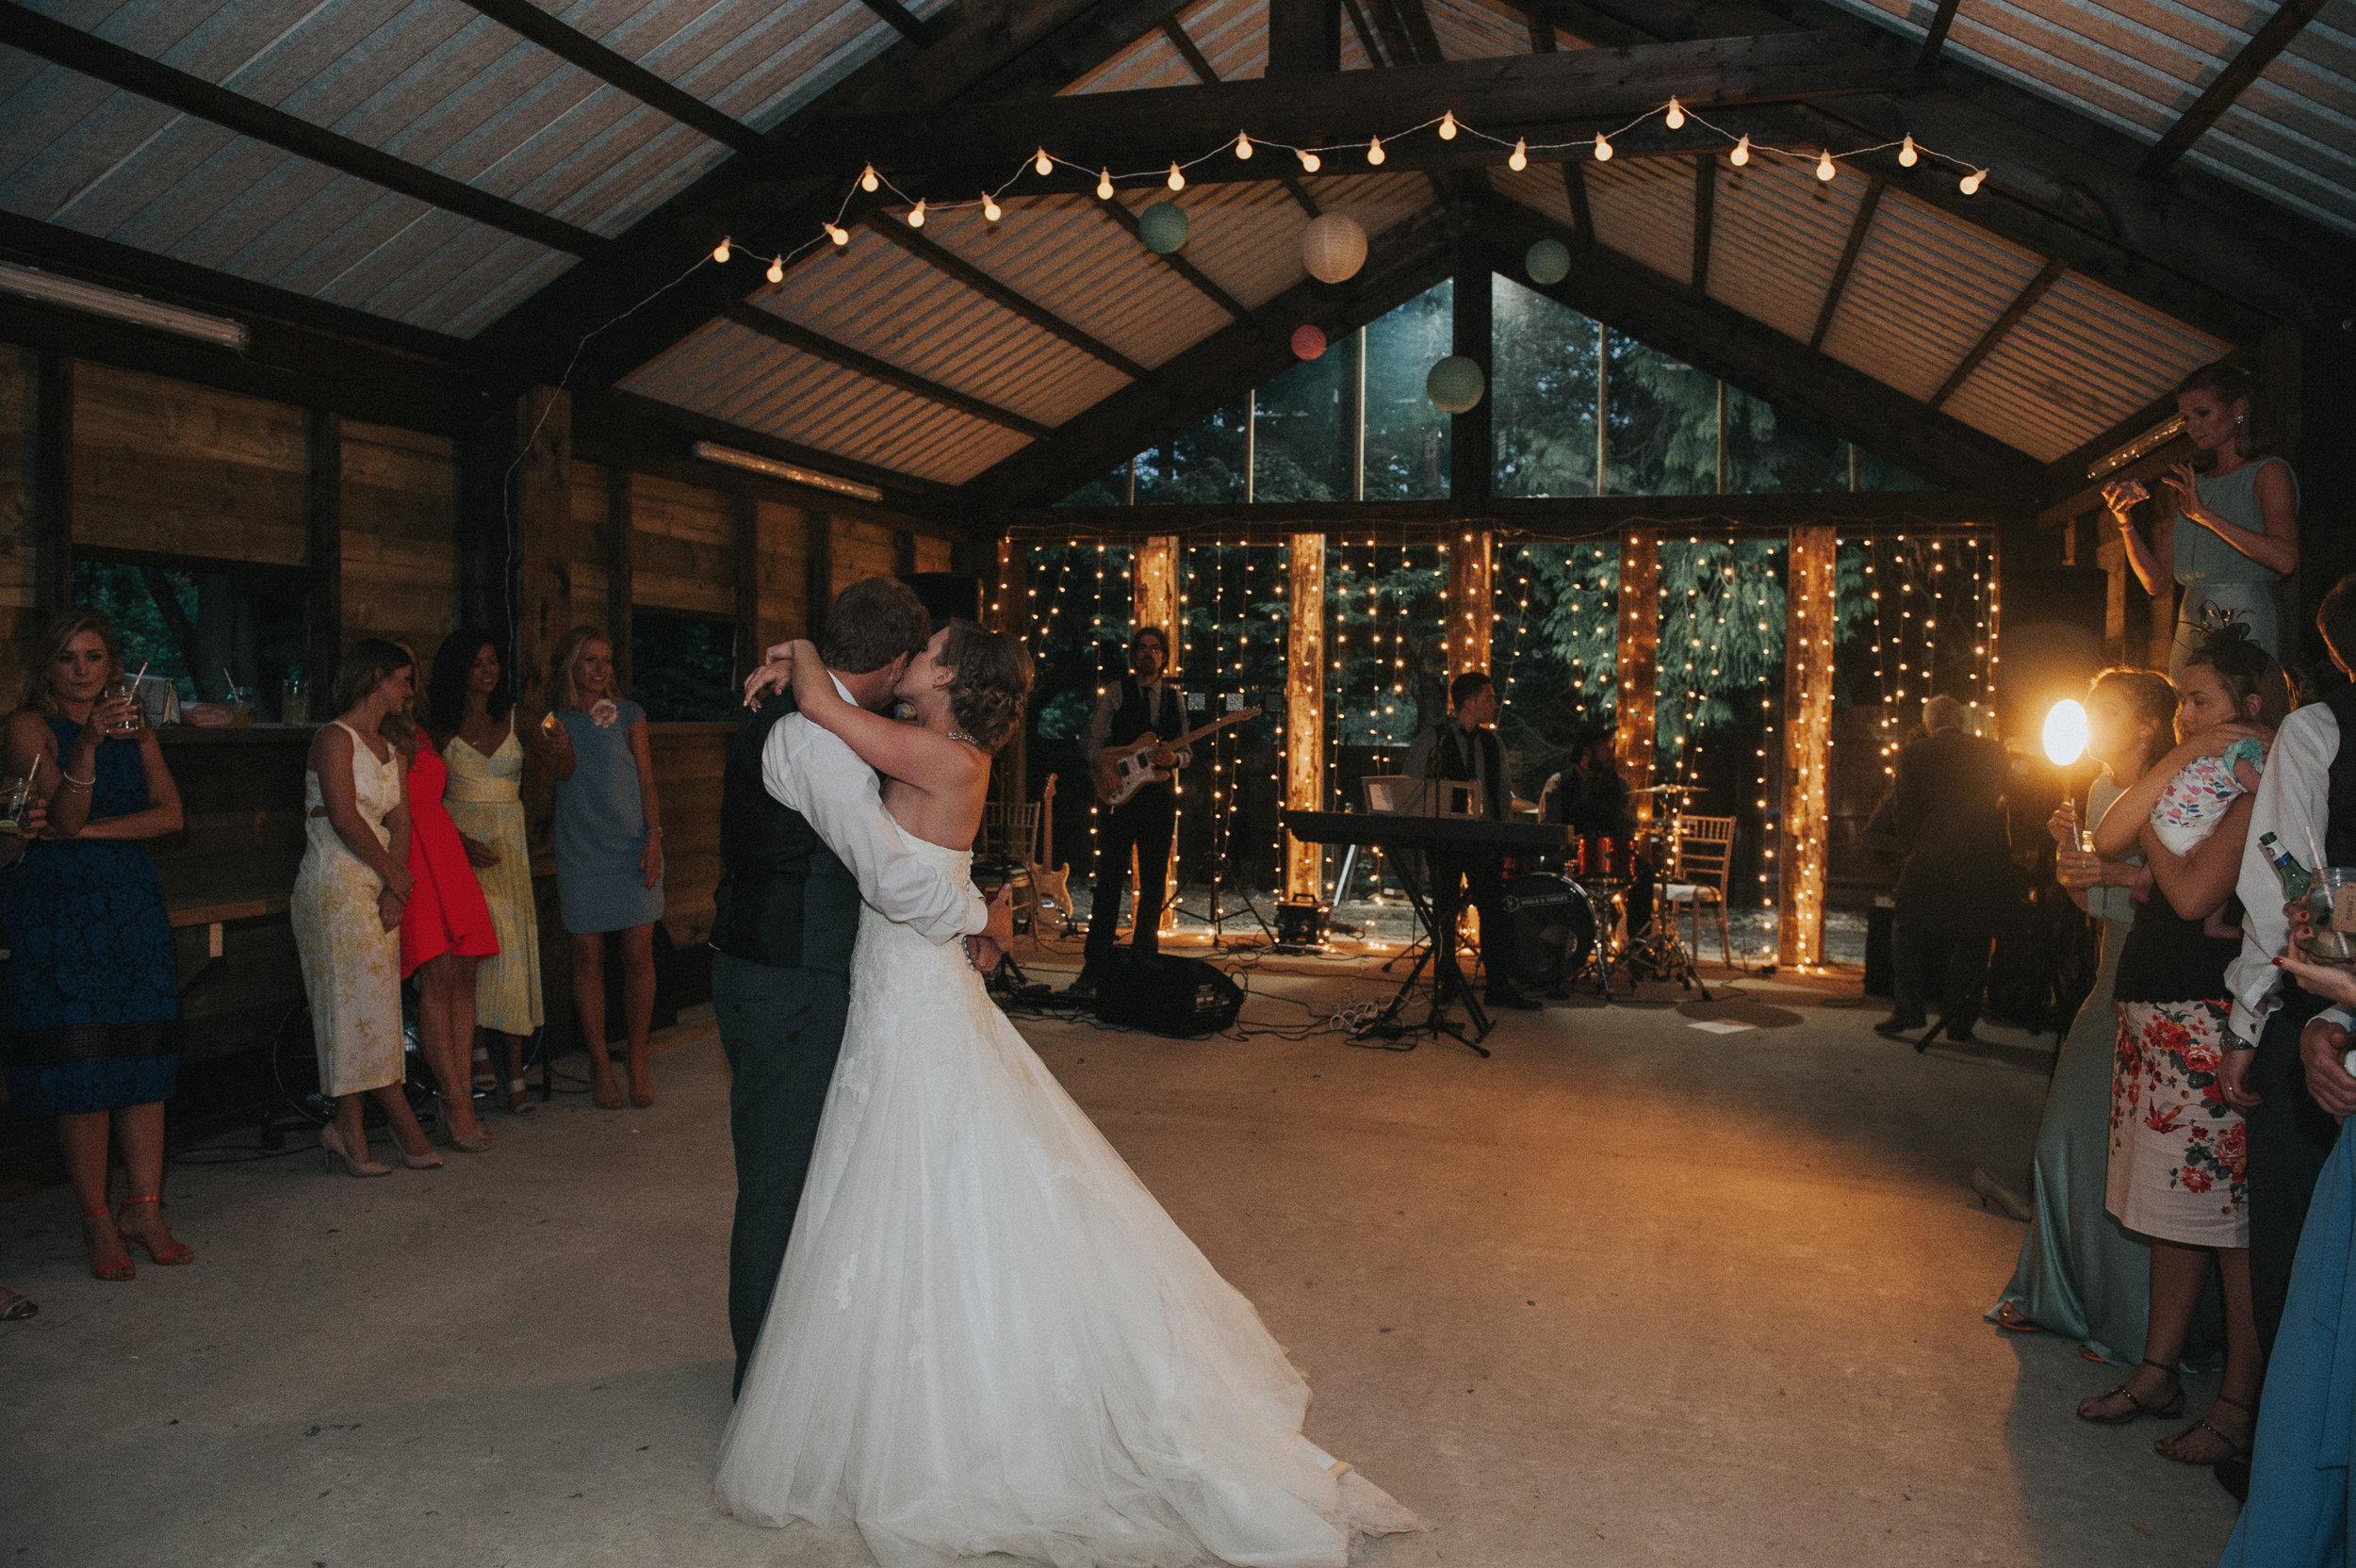 festival-farm-wedding-168.jpg